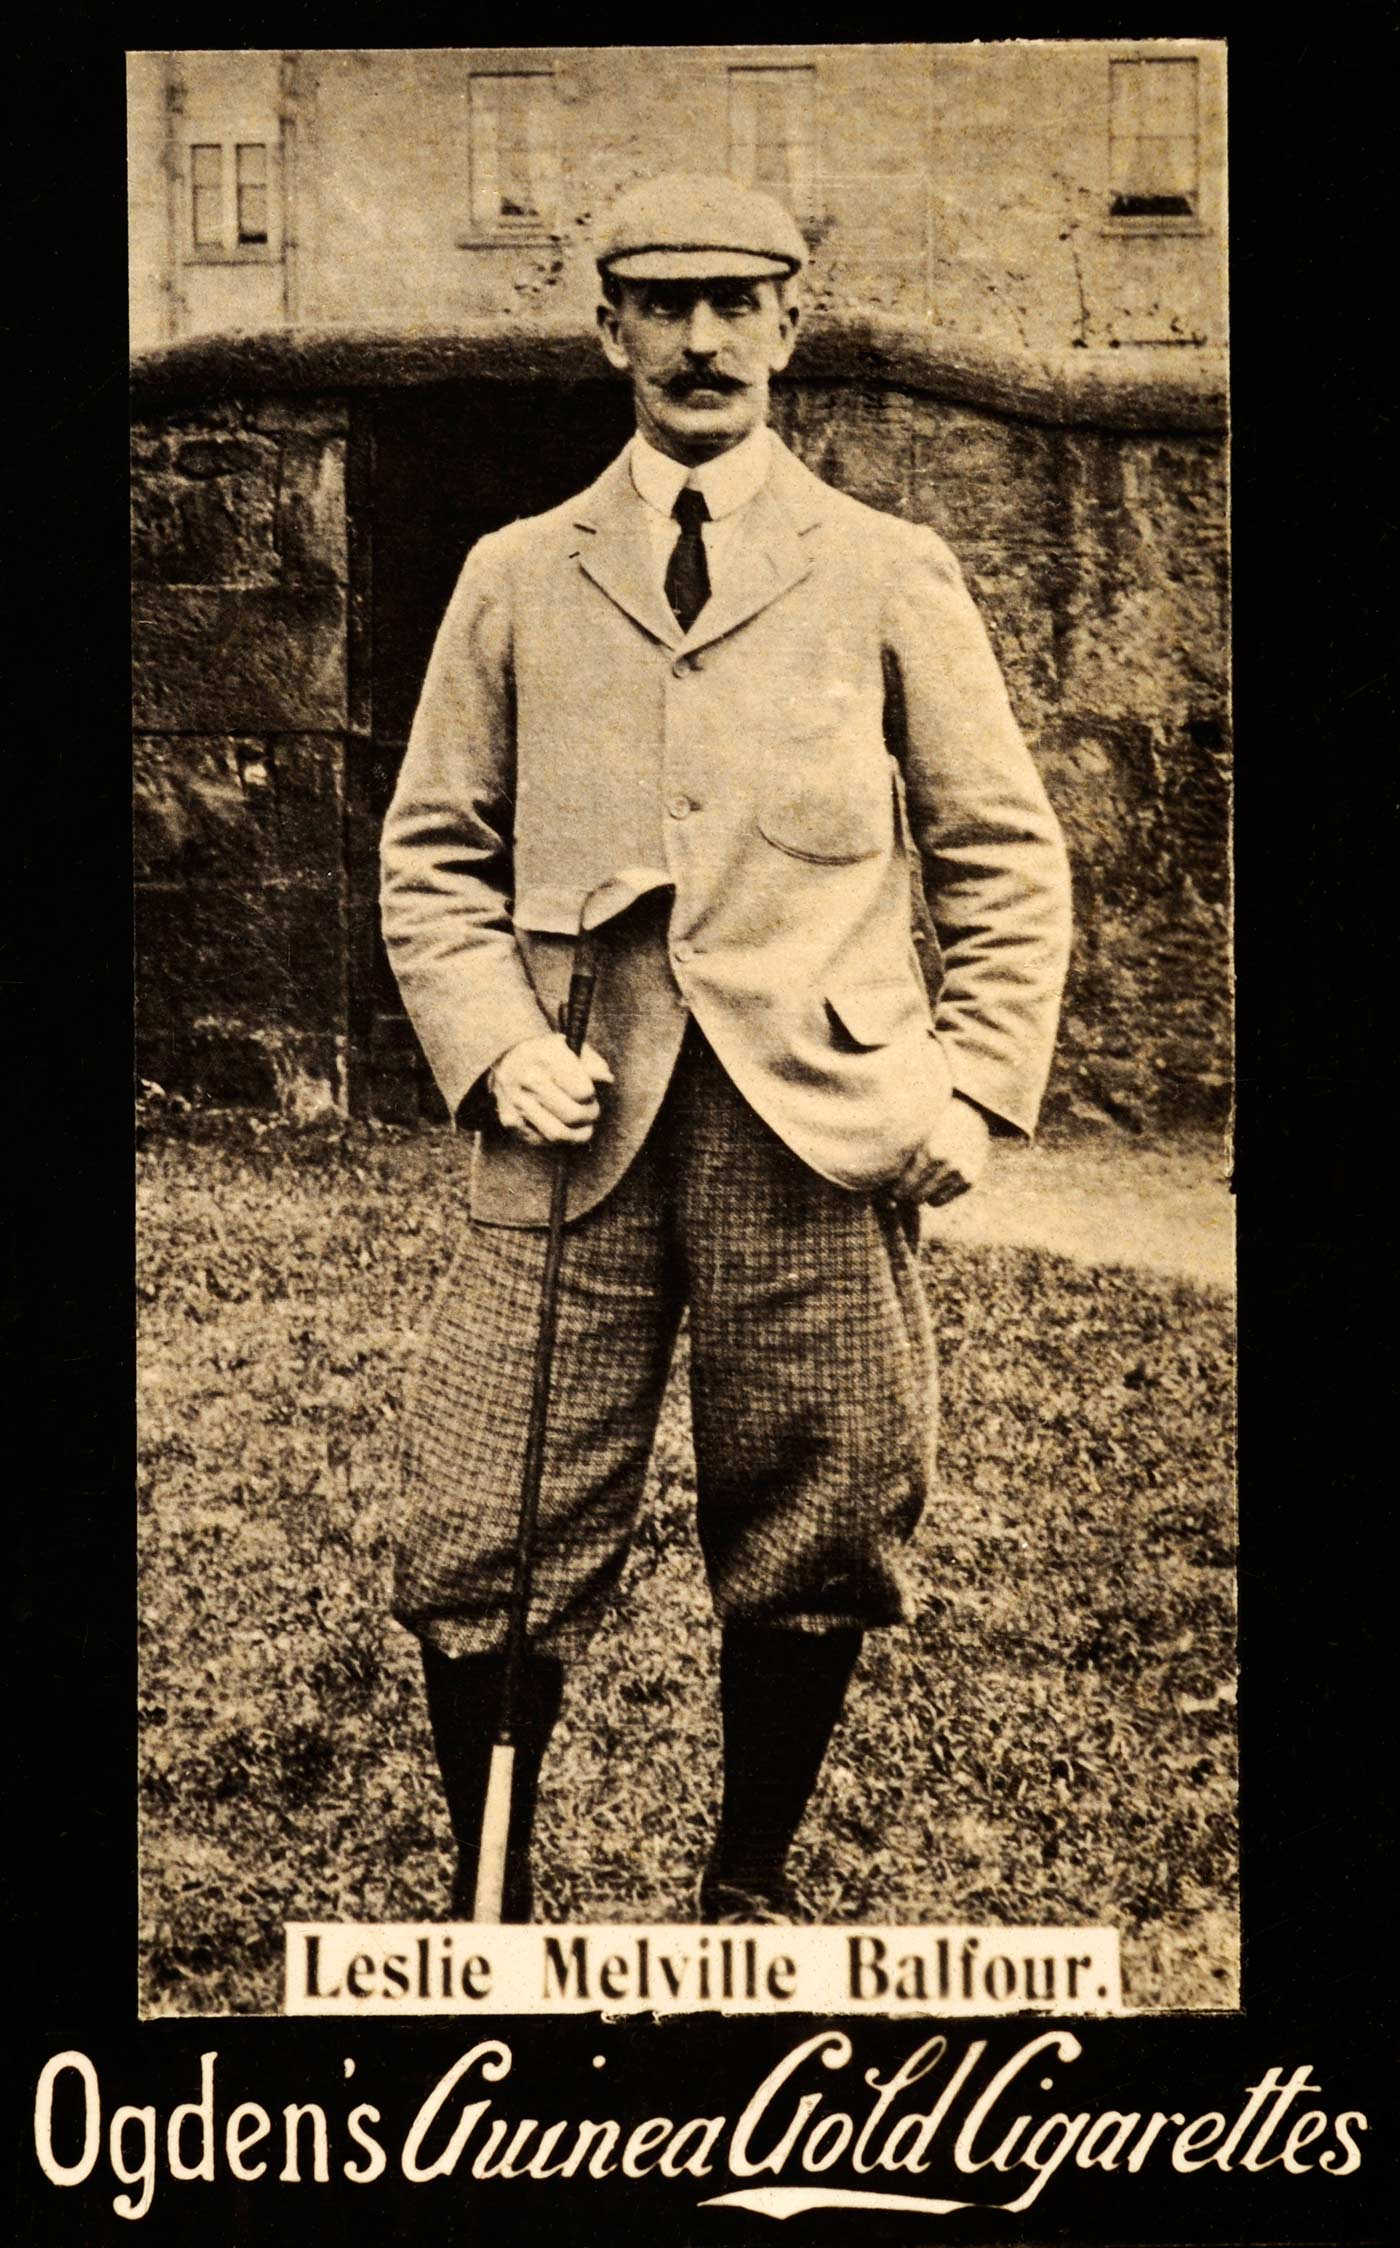 Waxed moustache alert: a vintage cigarette card featuring Scottish amateur Leslie Melville Balfour